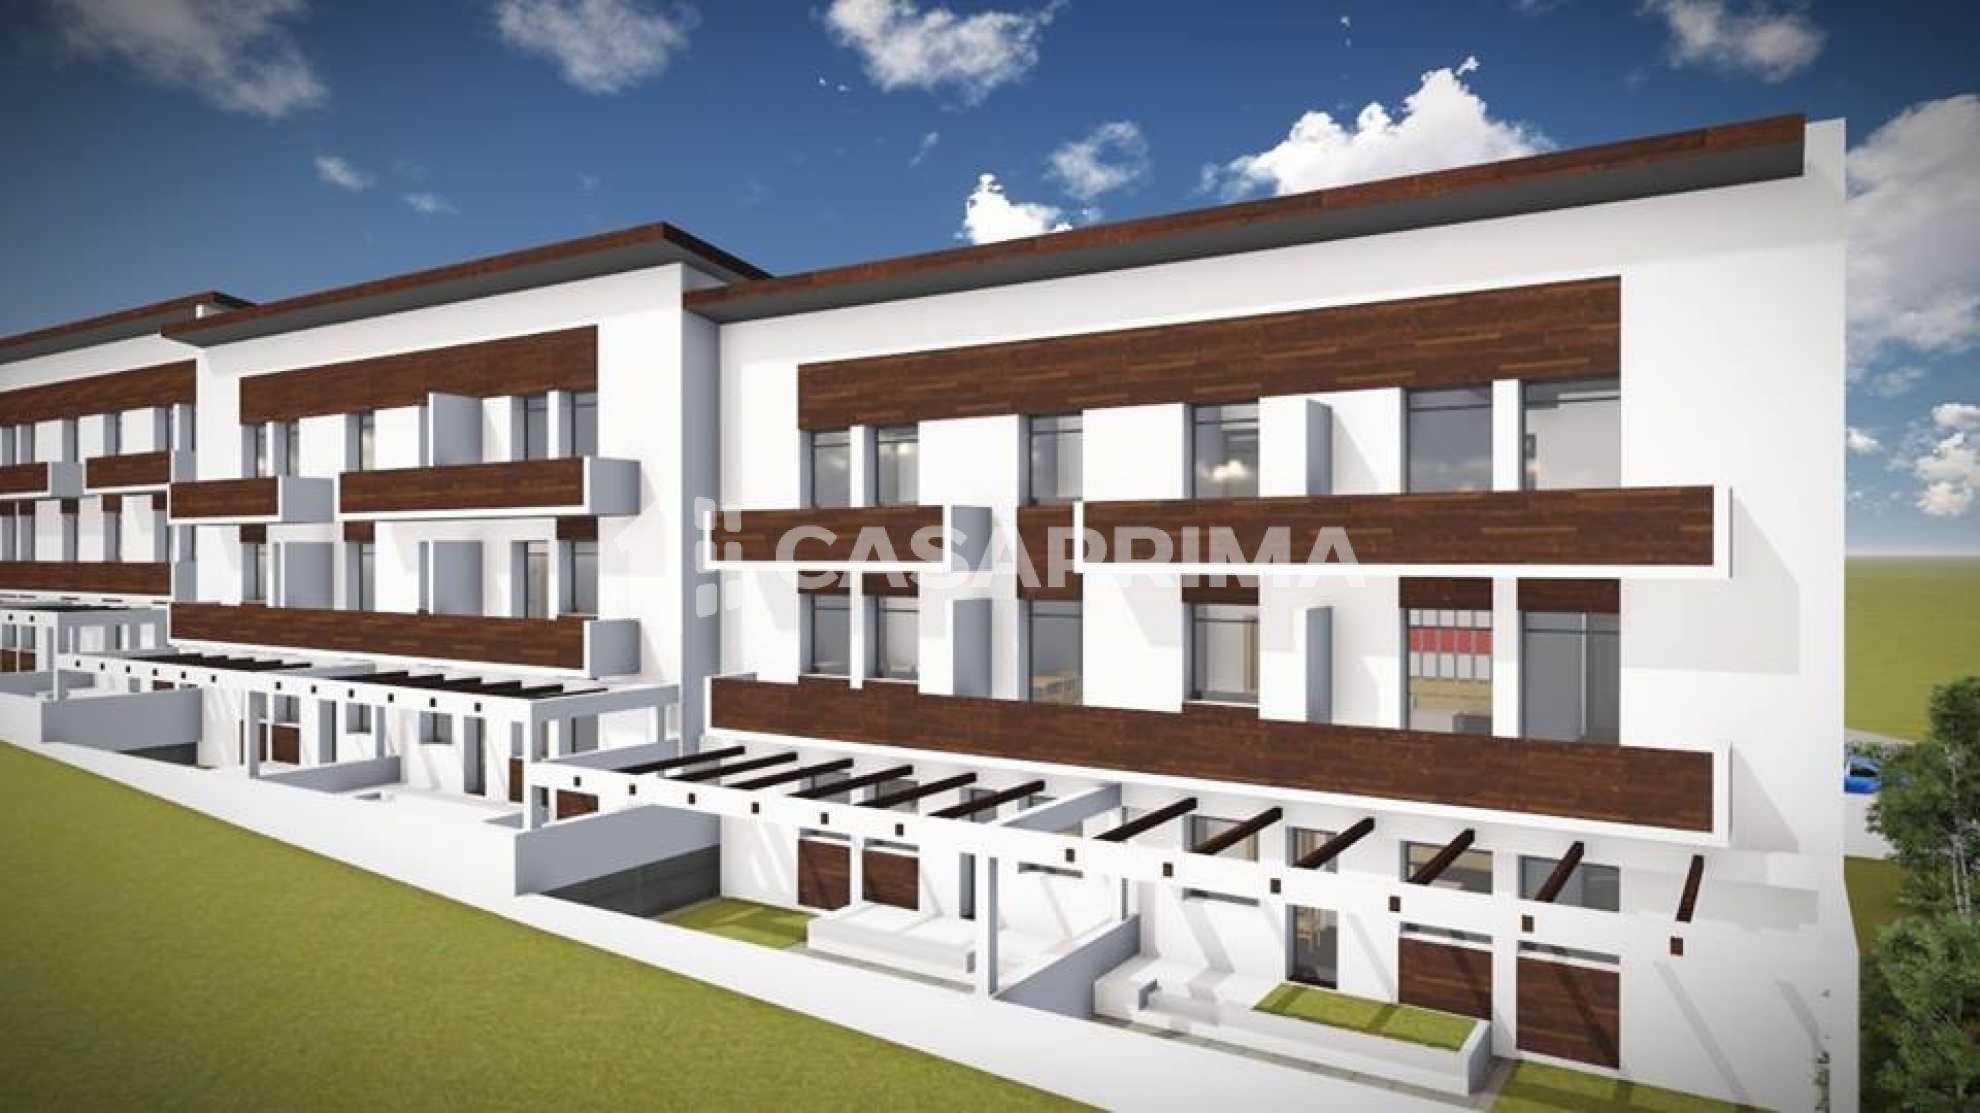 Casa prima - Iva 4 prima casa ...